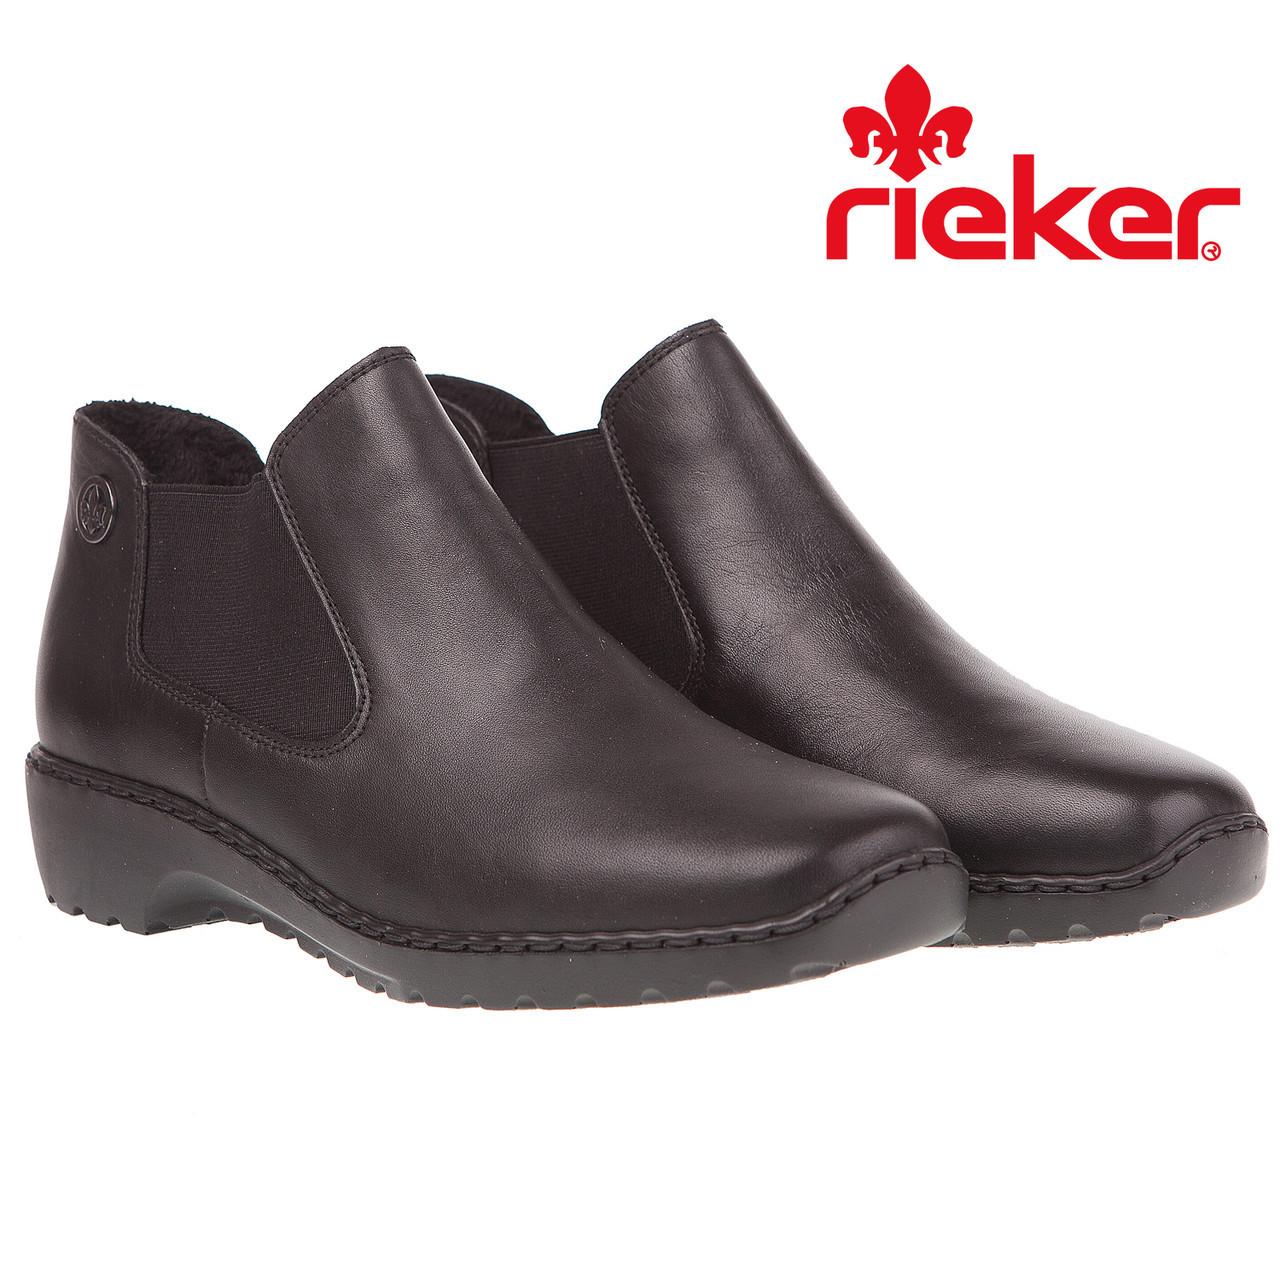 628824bf9 Ботинки женские Rieker (черные, кожаные, удобные, офисные, с резинками по  сторонам